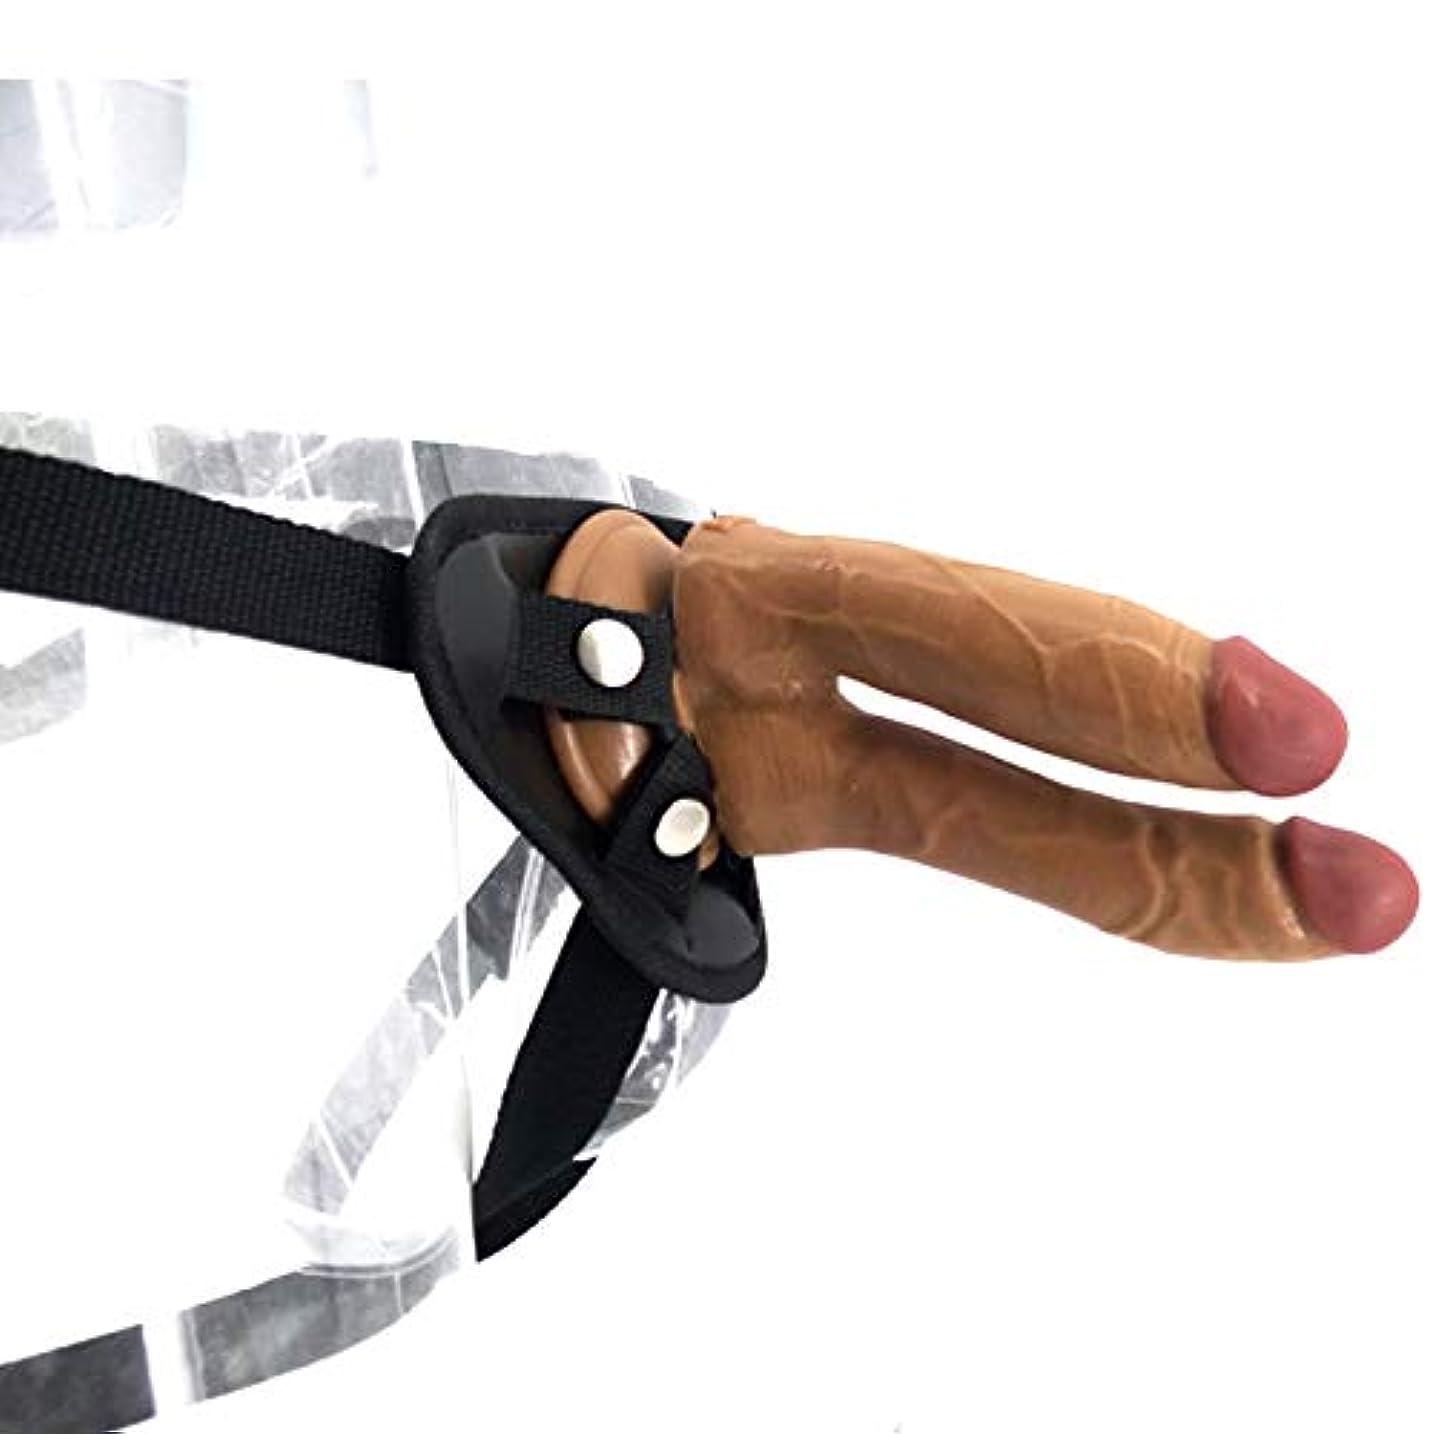 大聖堂違法トリクルKGJJHYBGTOY ソフトワンド - セックスの役割は、静かな玩具を再生するためのストラップǒn RELAX MASSAGE BODY